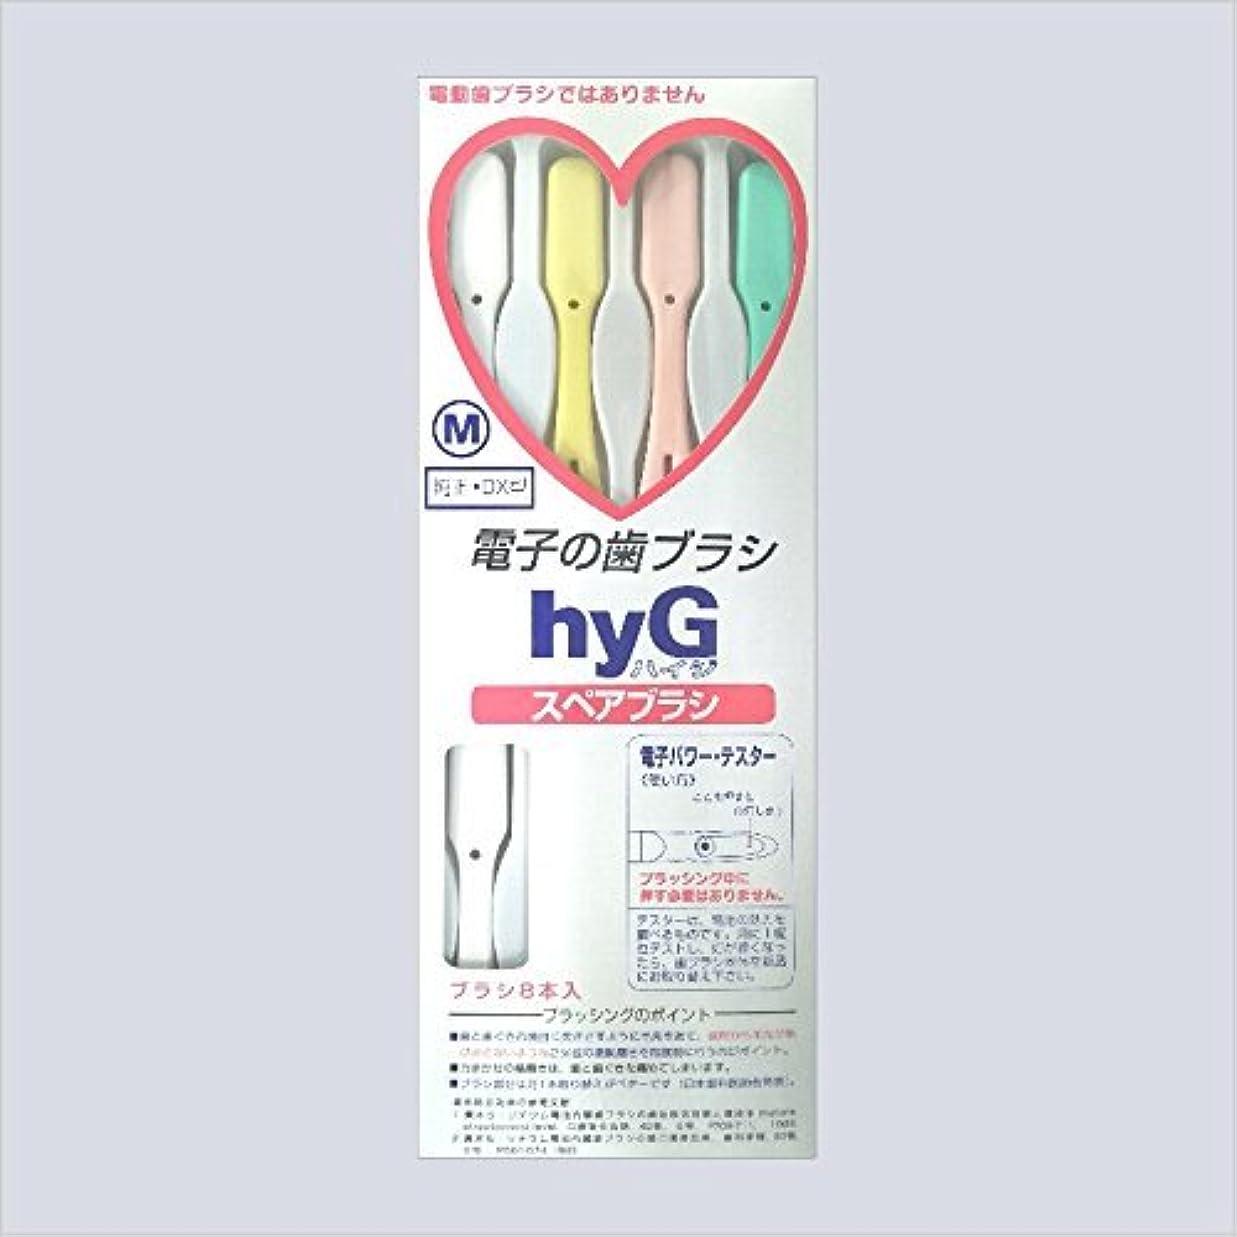 行動変化酸っぱい電子の歯ブラシ ハイジ(hyG)?スペアブラシ <ブラシの硬さ:Mふつう> (※こちらは「スペアブラシ」です )?hyG-DX型